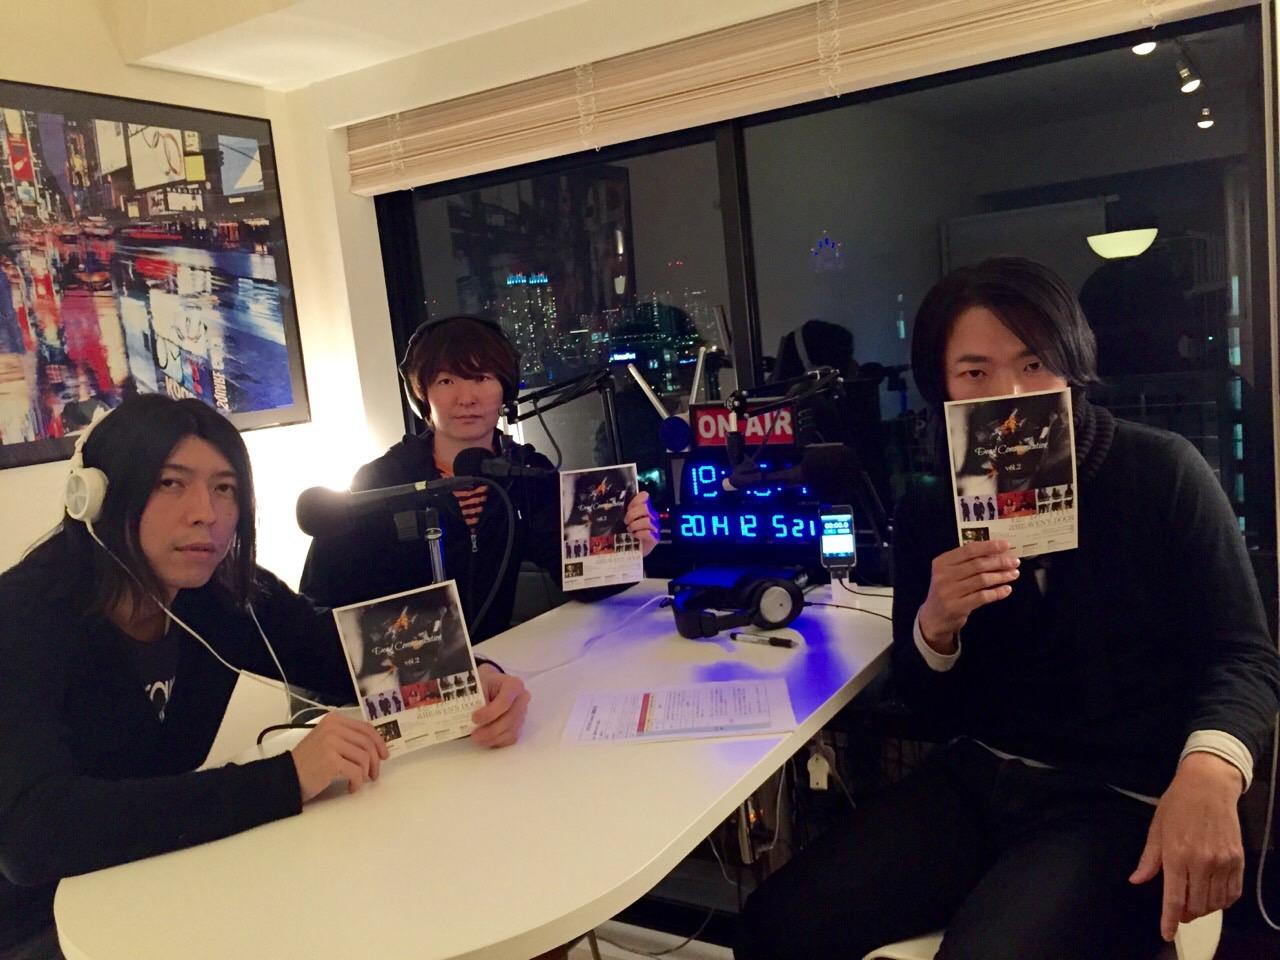 飯田カヅキのダメ人間DX vol.1 ゲスト strange world's end